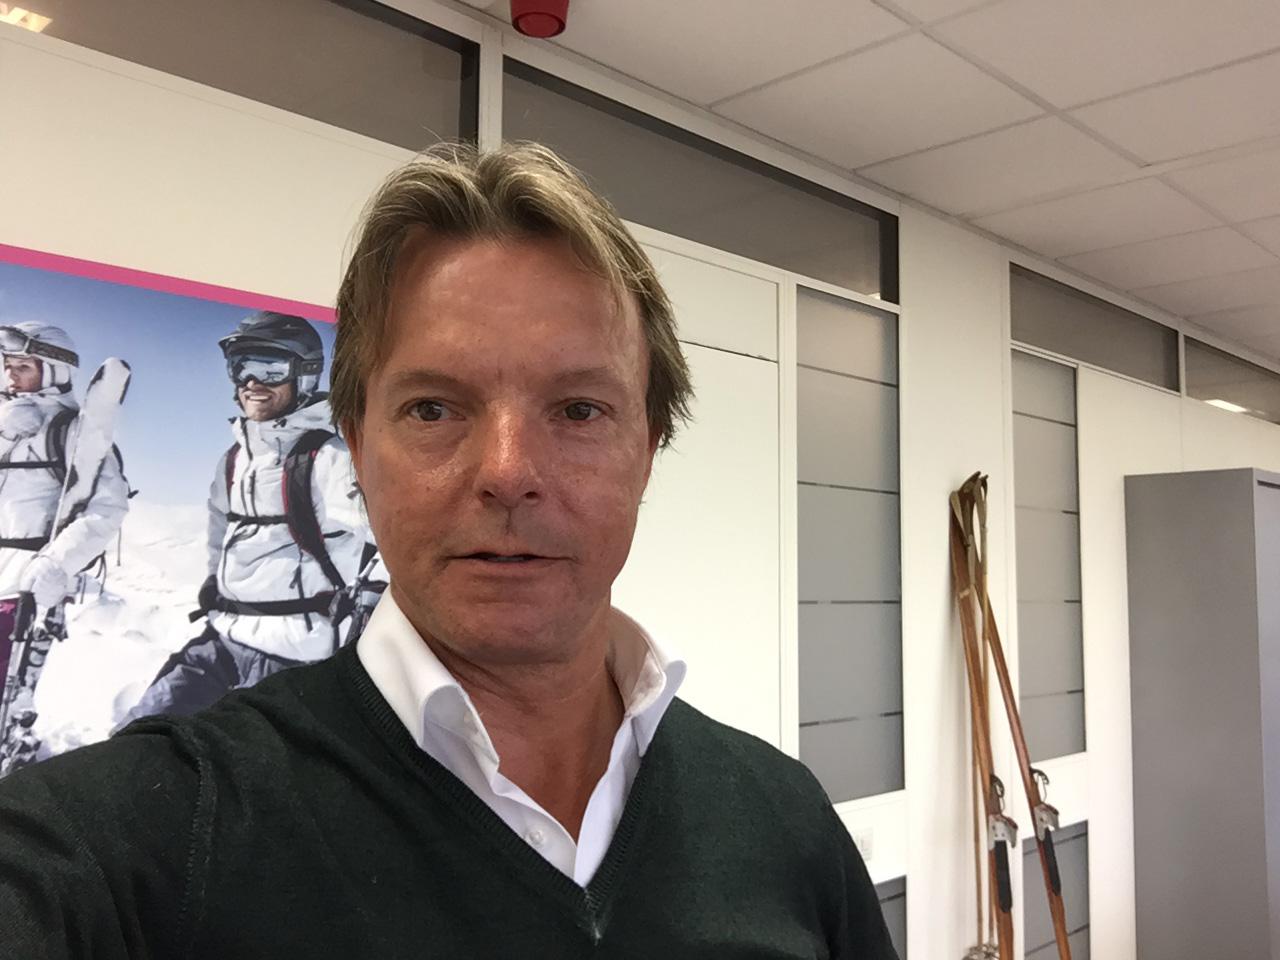 Werner van der Velde